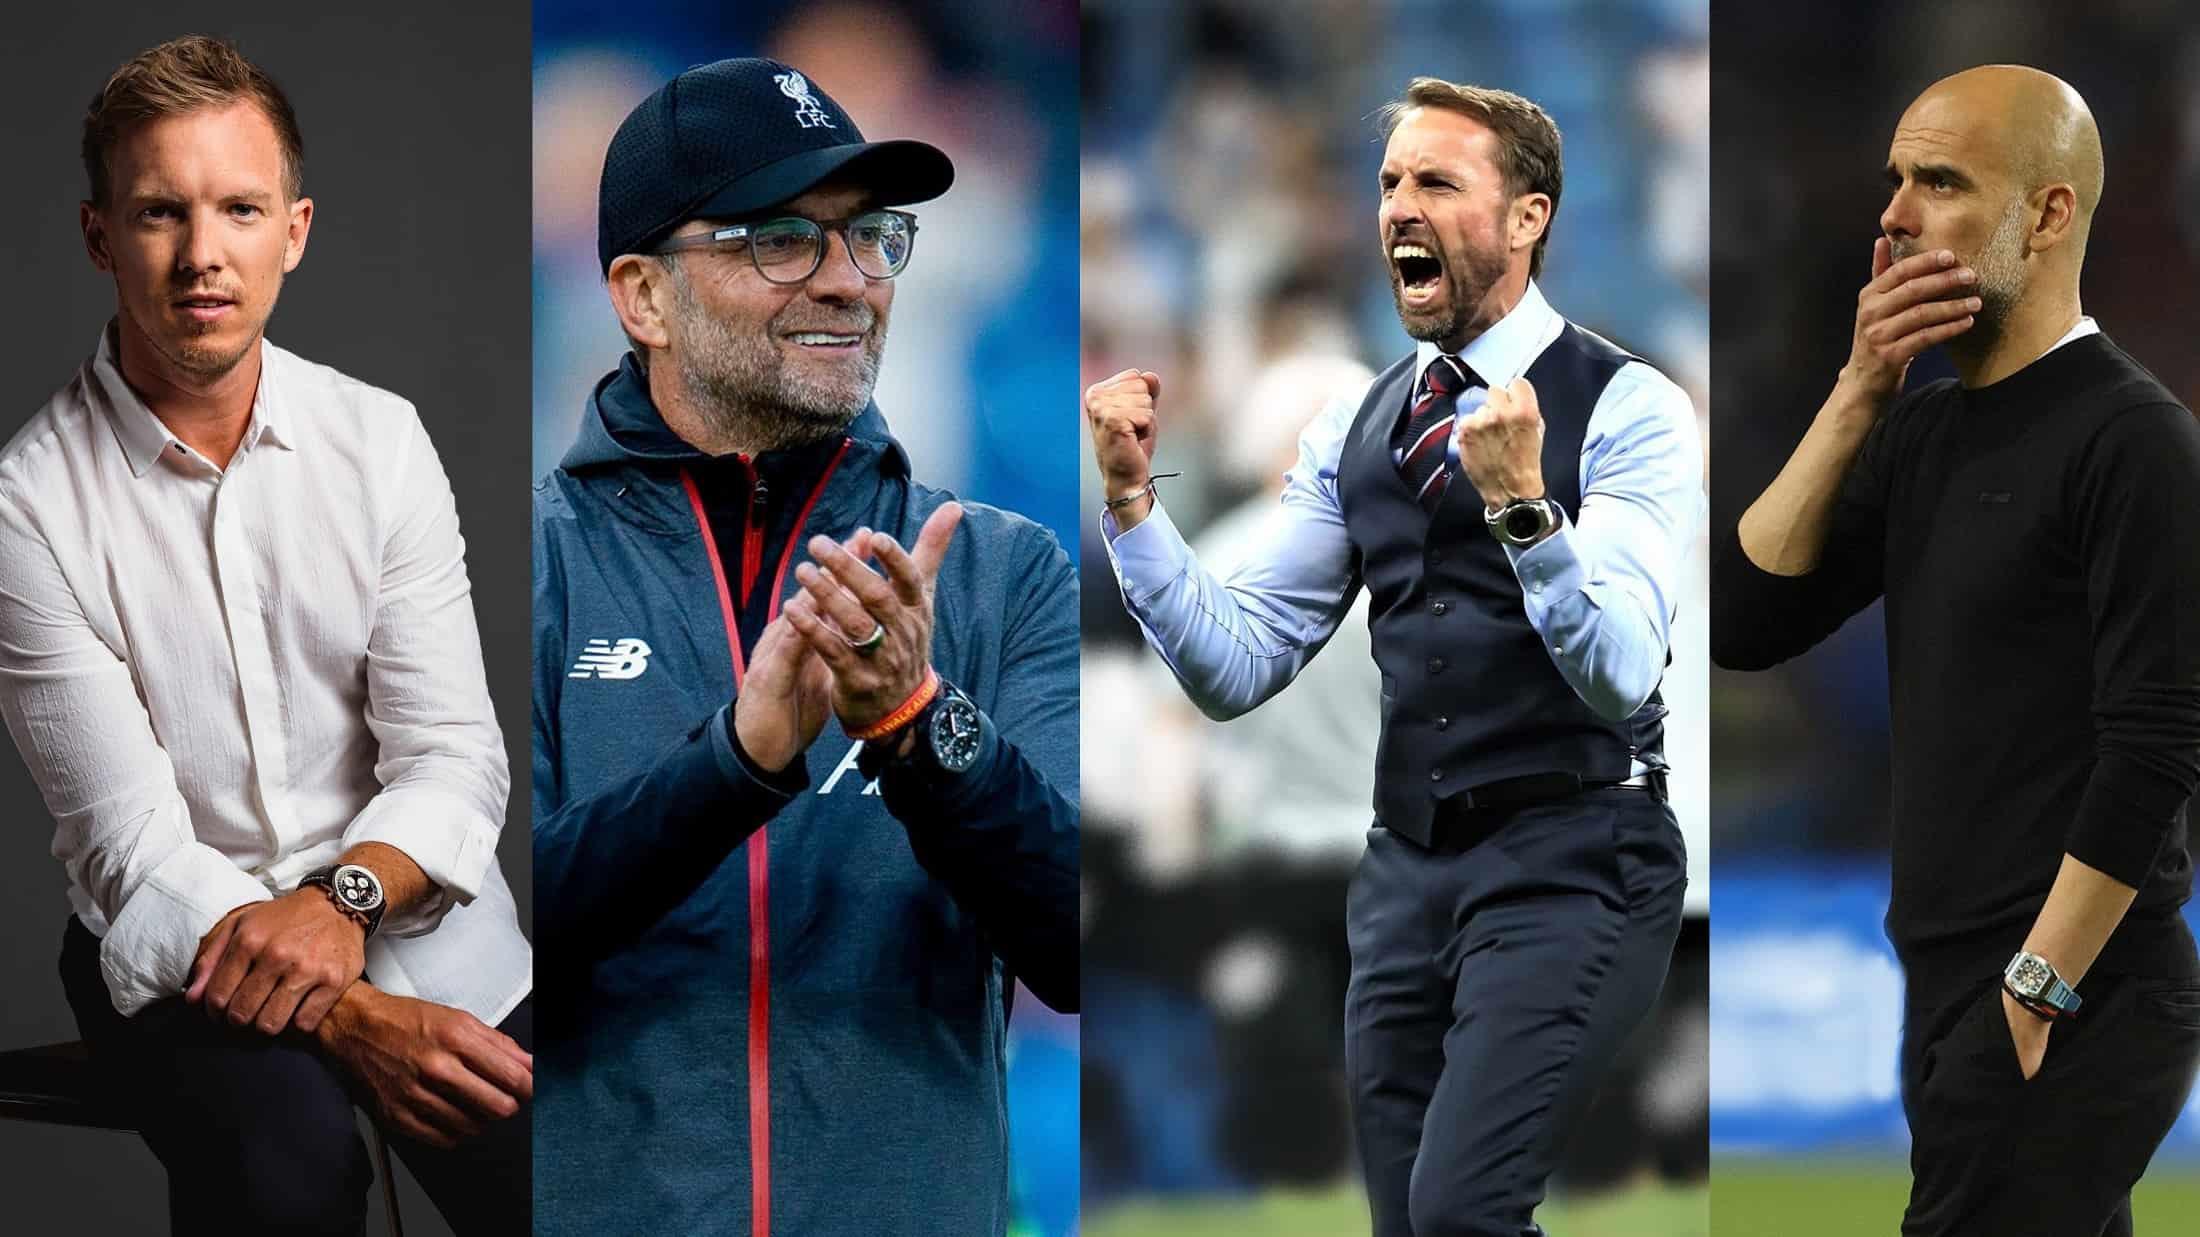 Watch of Fame: Fußball und StilUhren der Trainer: Das tragen die Erfolgs-Coaches